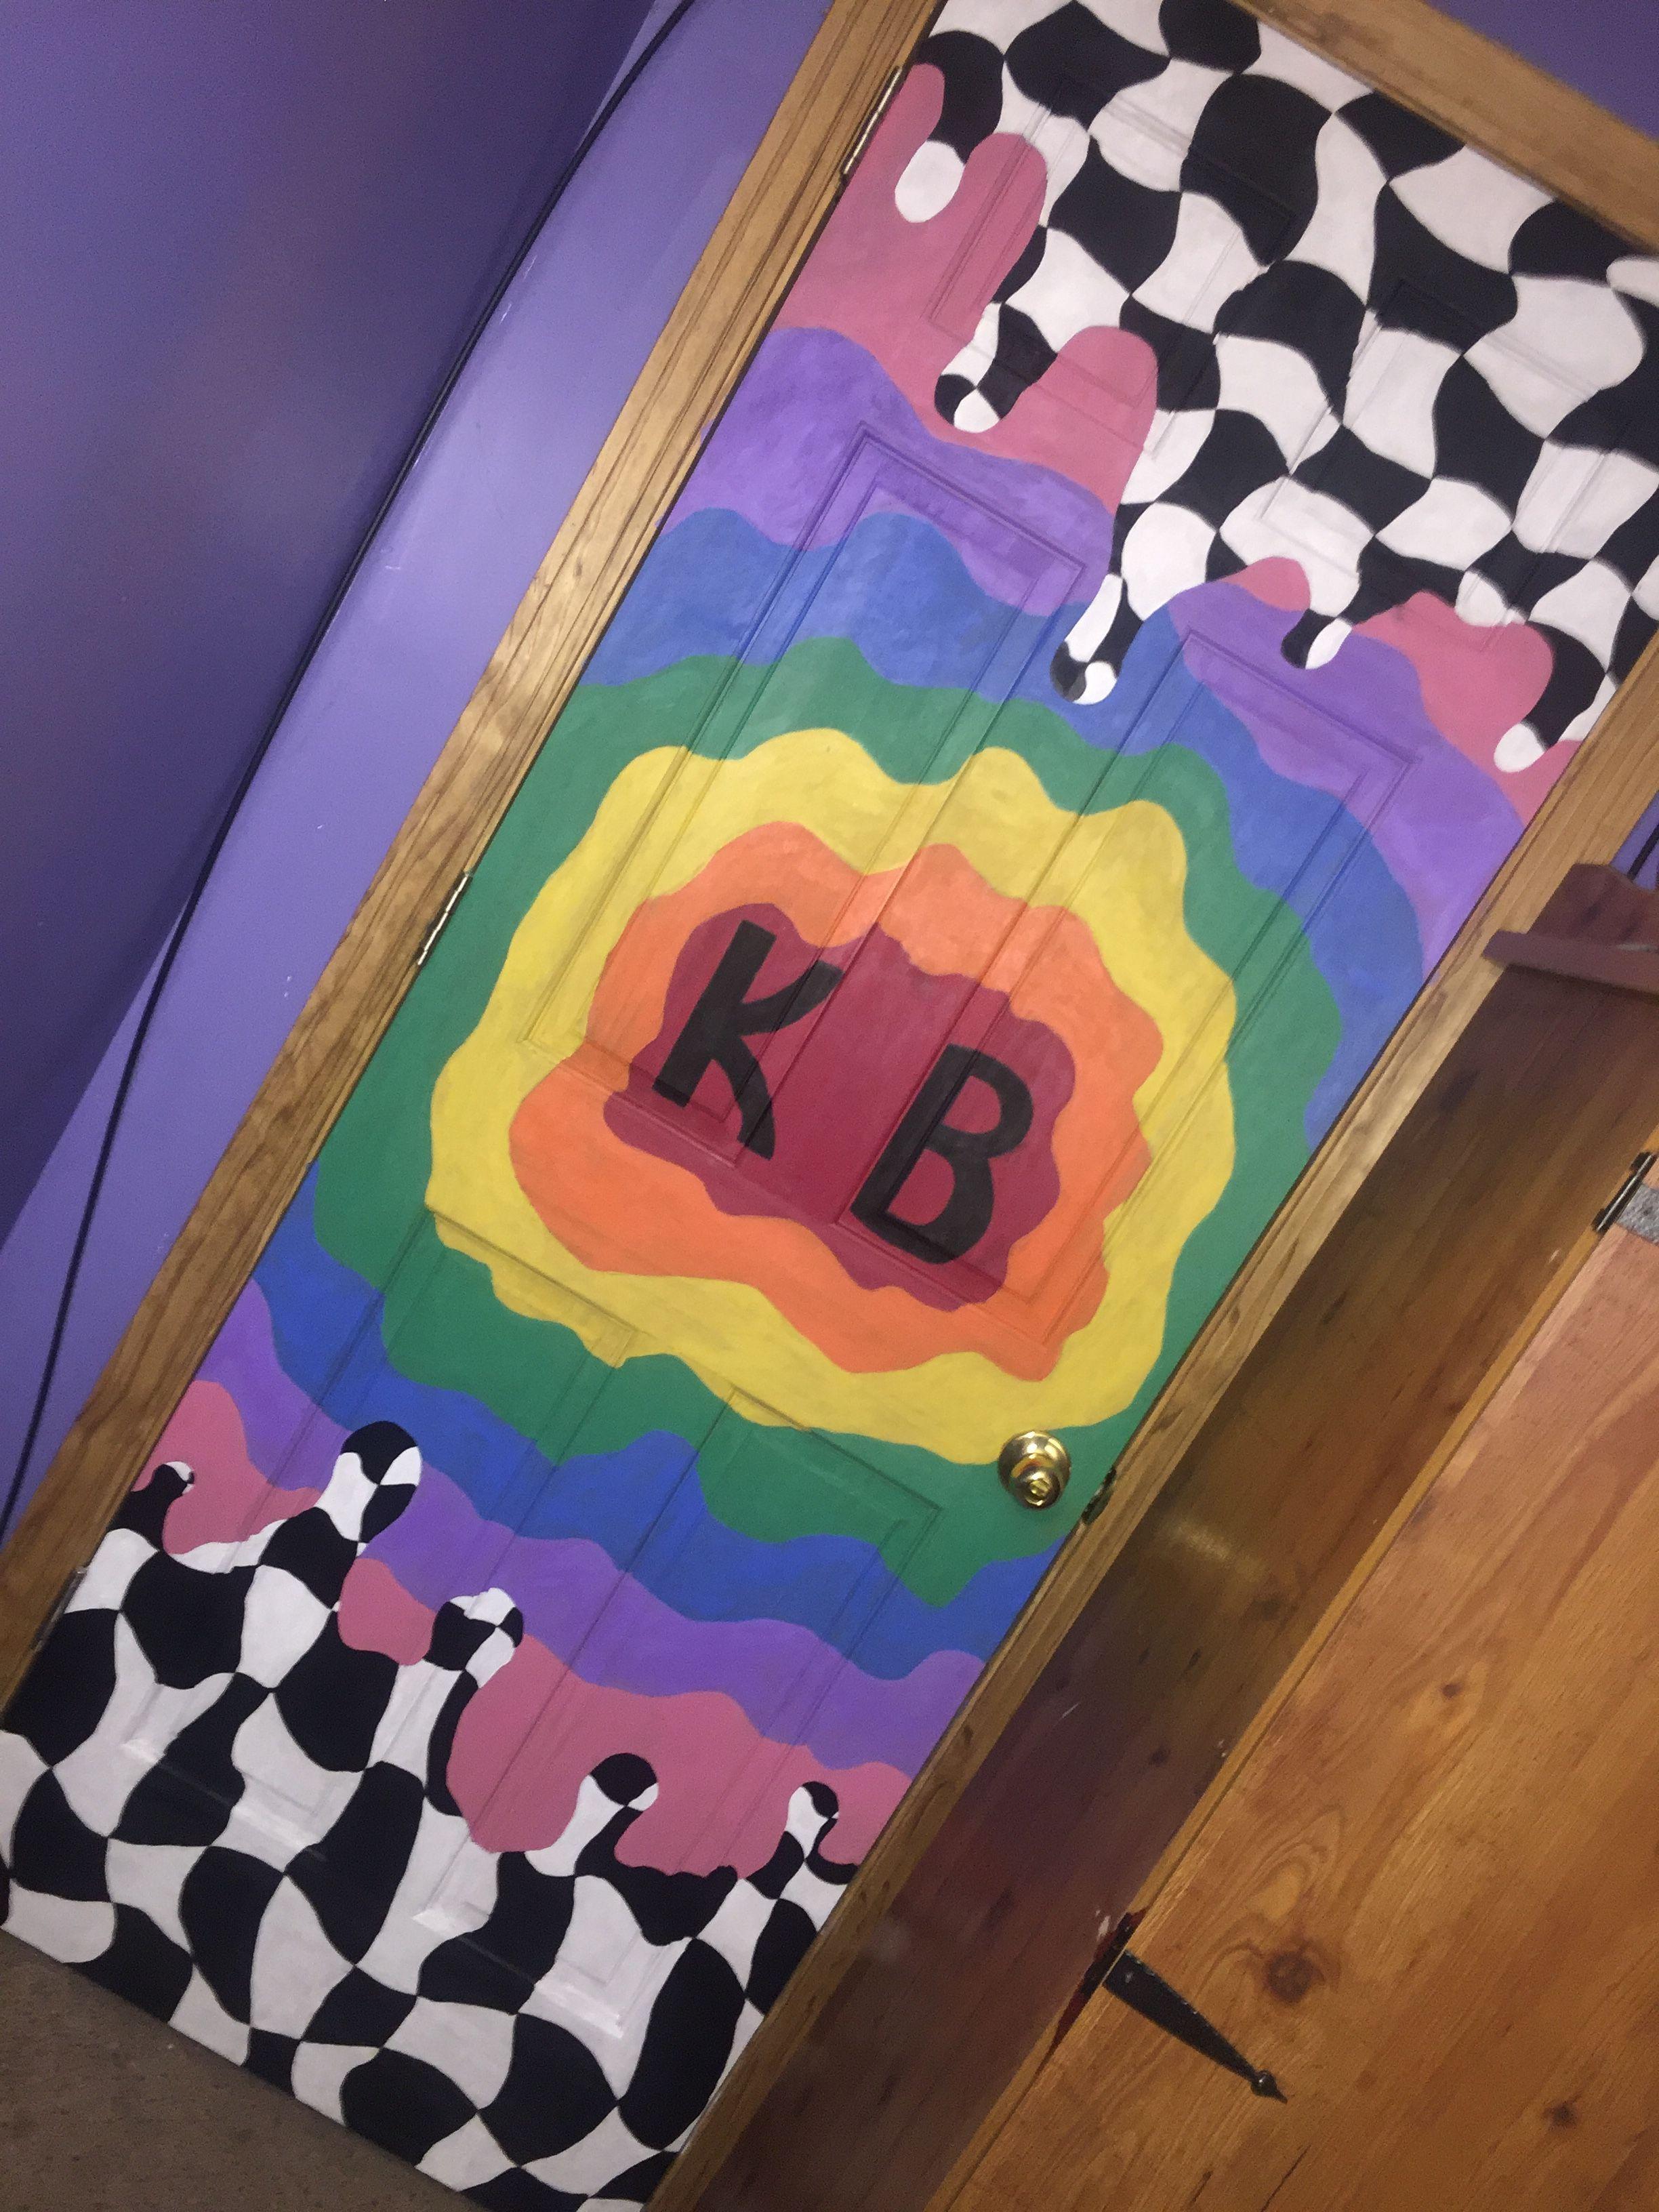 Trippy Painting On Door Painted Door Room Diy Diy Door